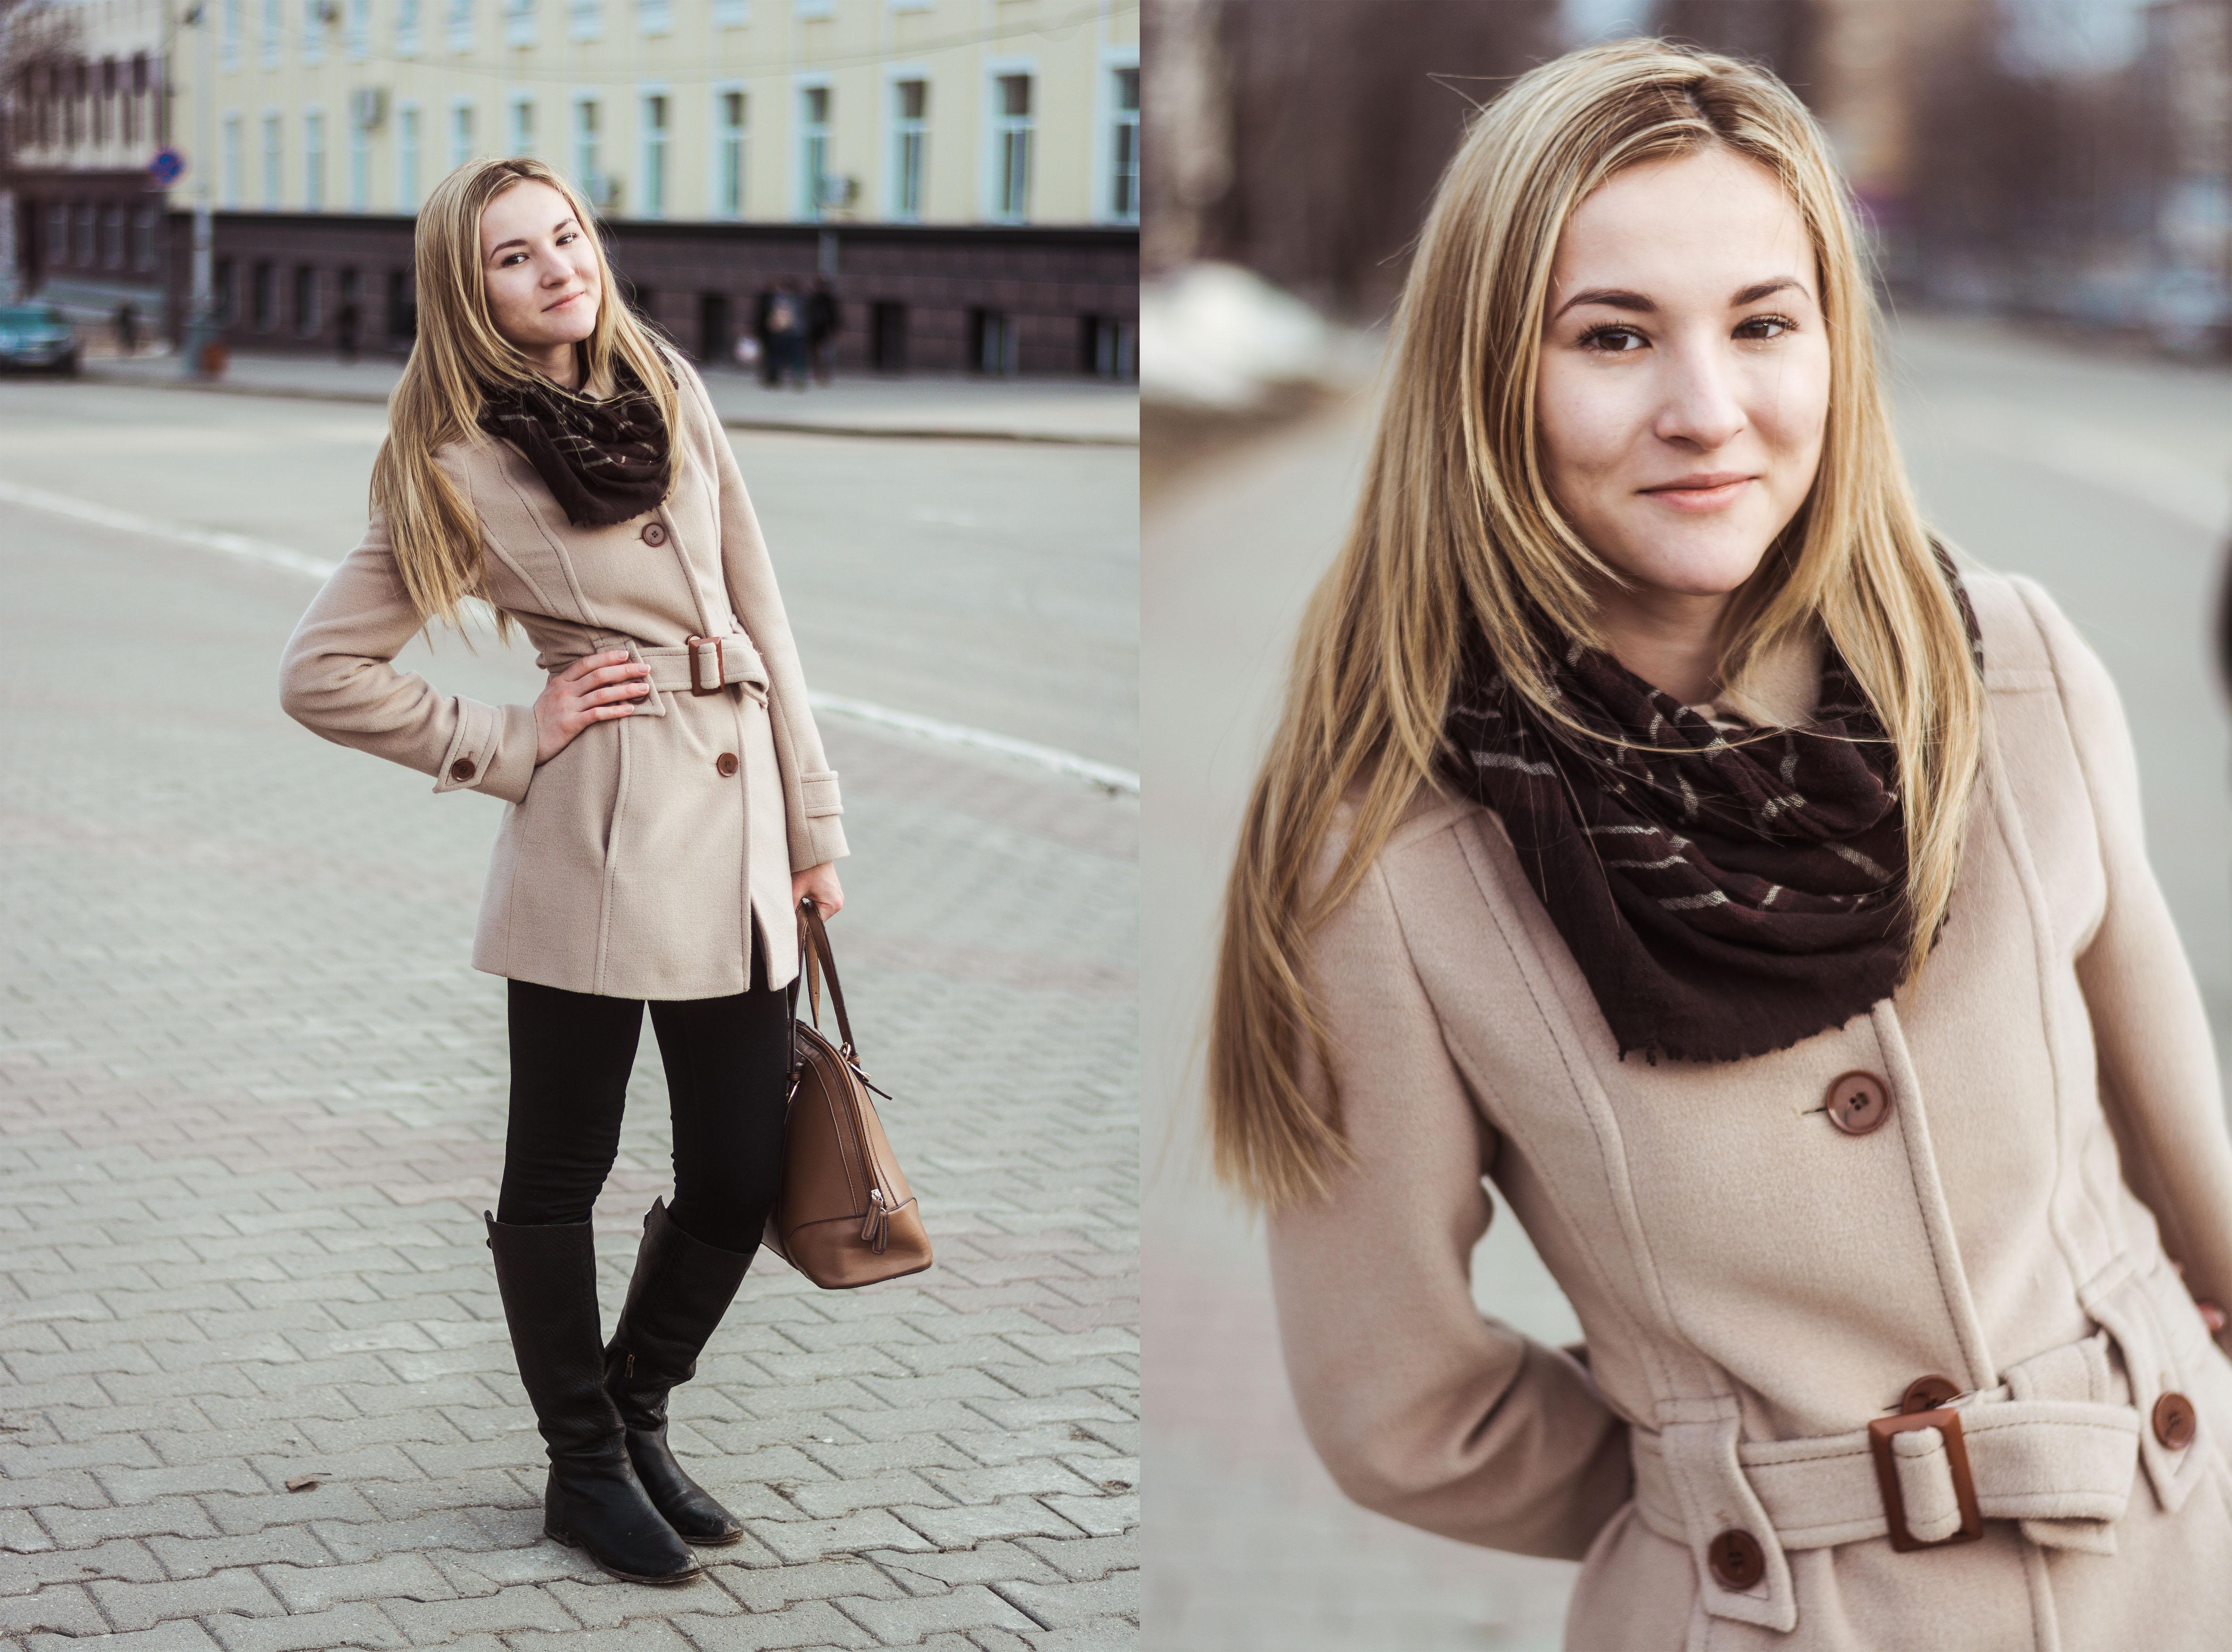 Фото сыктывкарских девушек, жену вдвоем русское домашнее порно